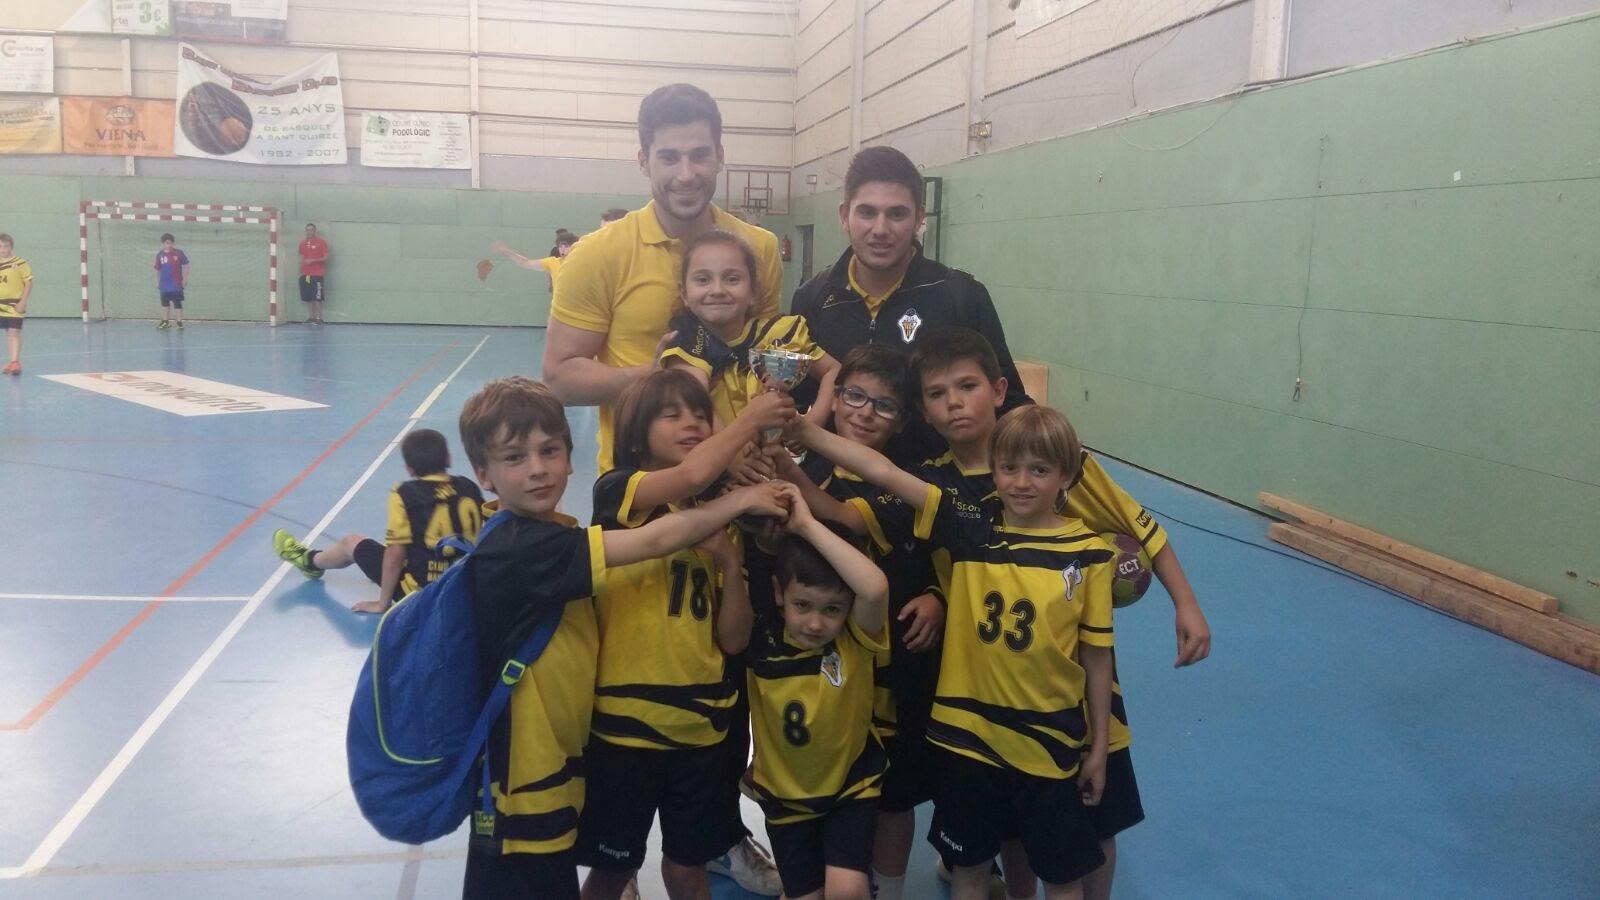 Gaudint de l'handbol a Sant Quirze